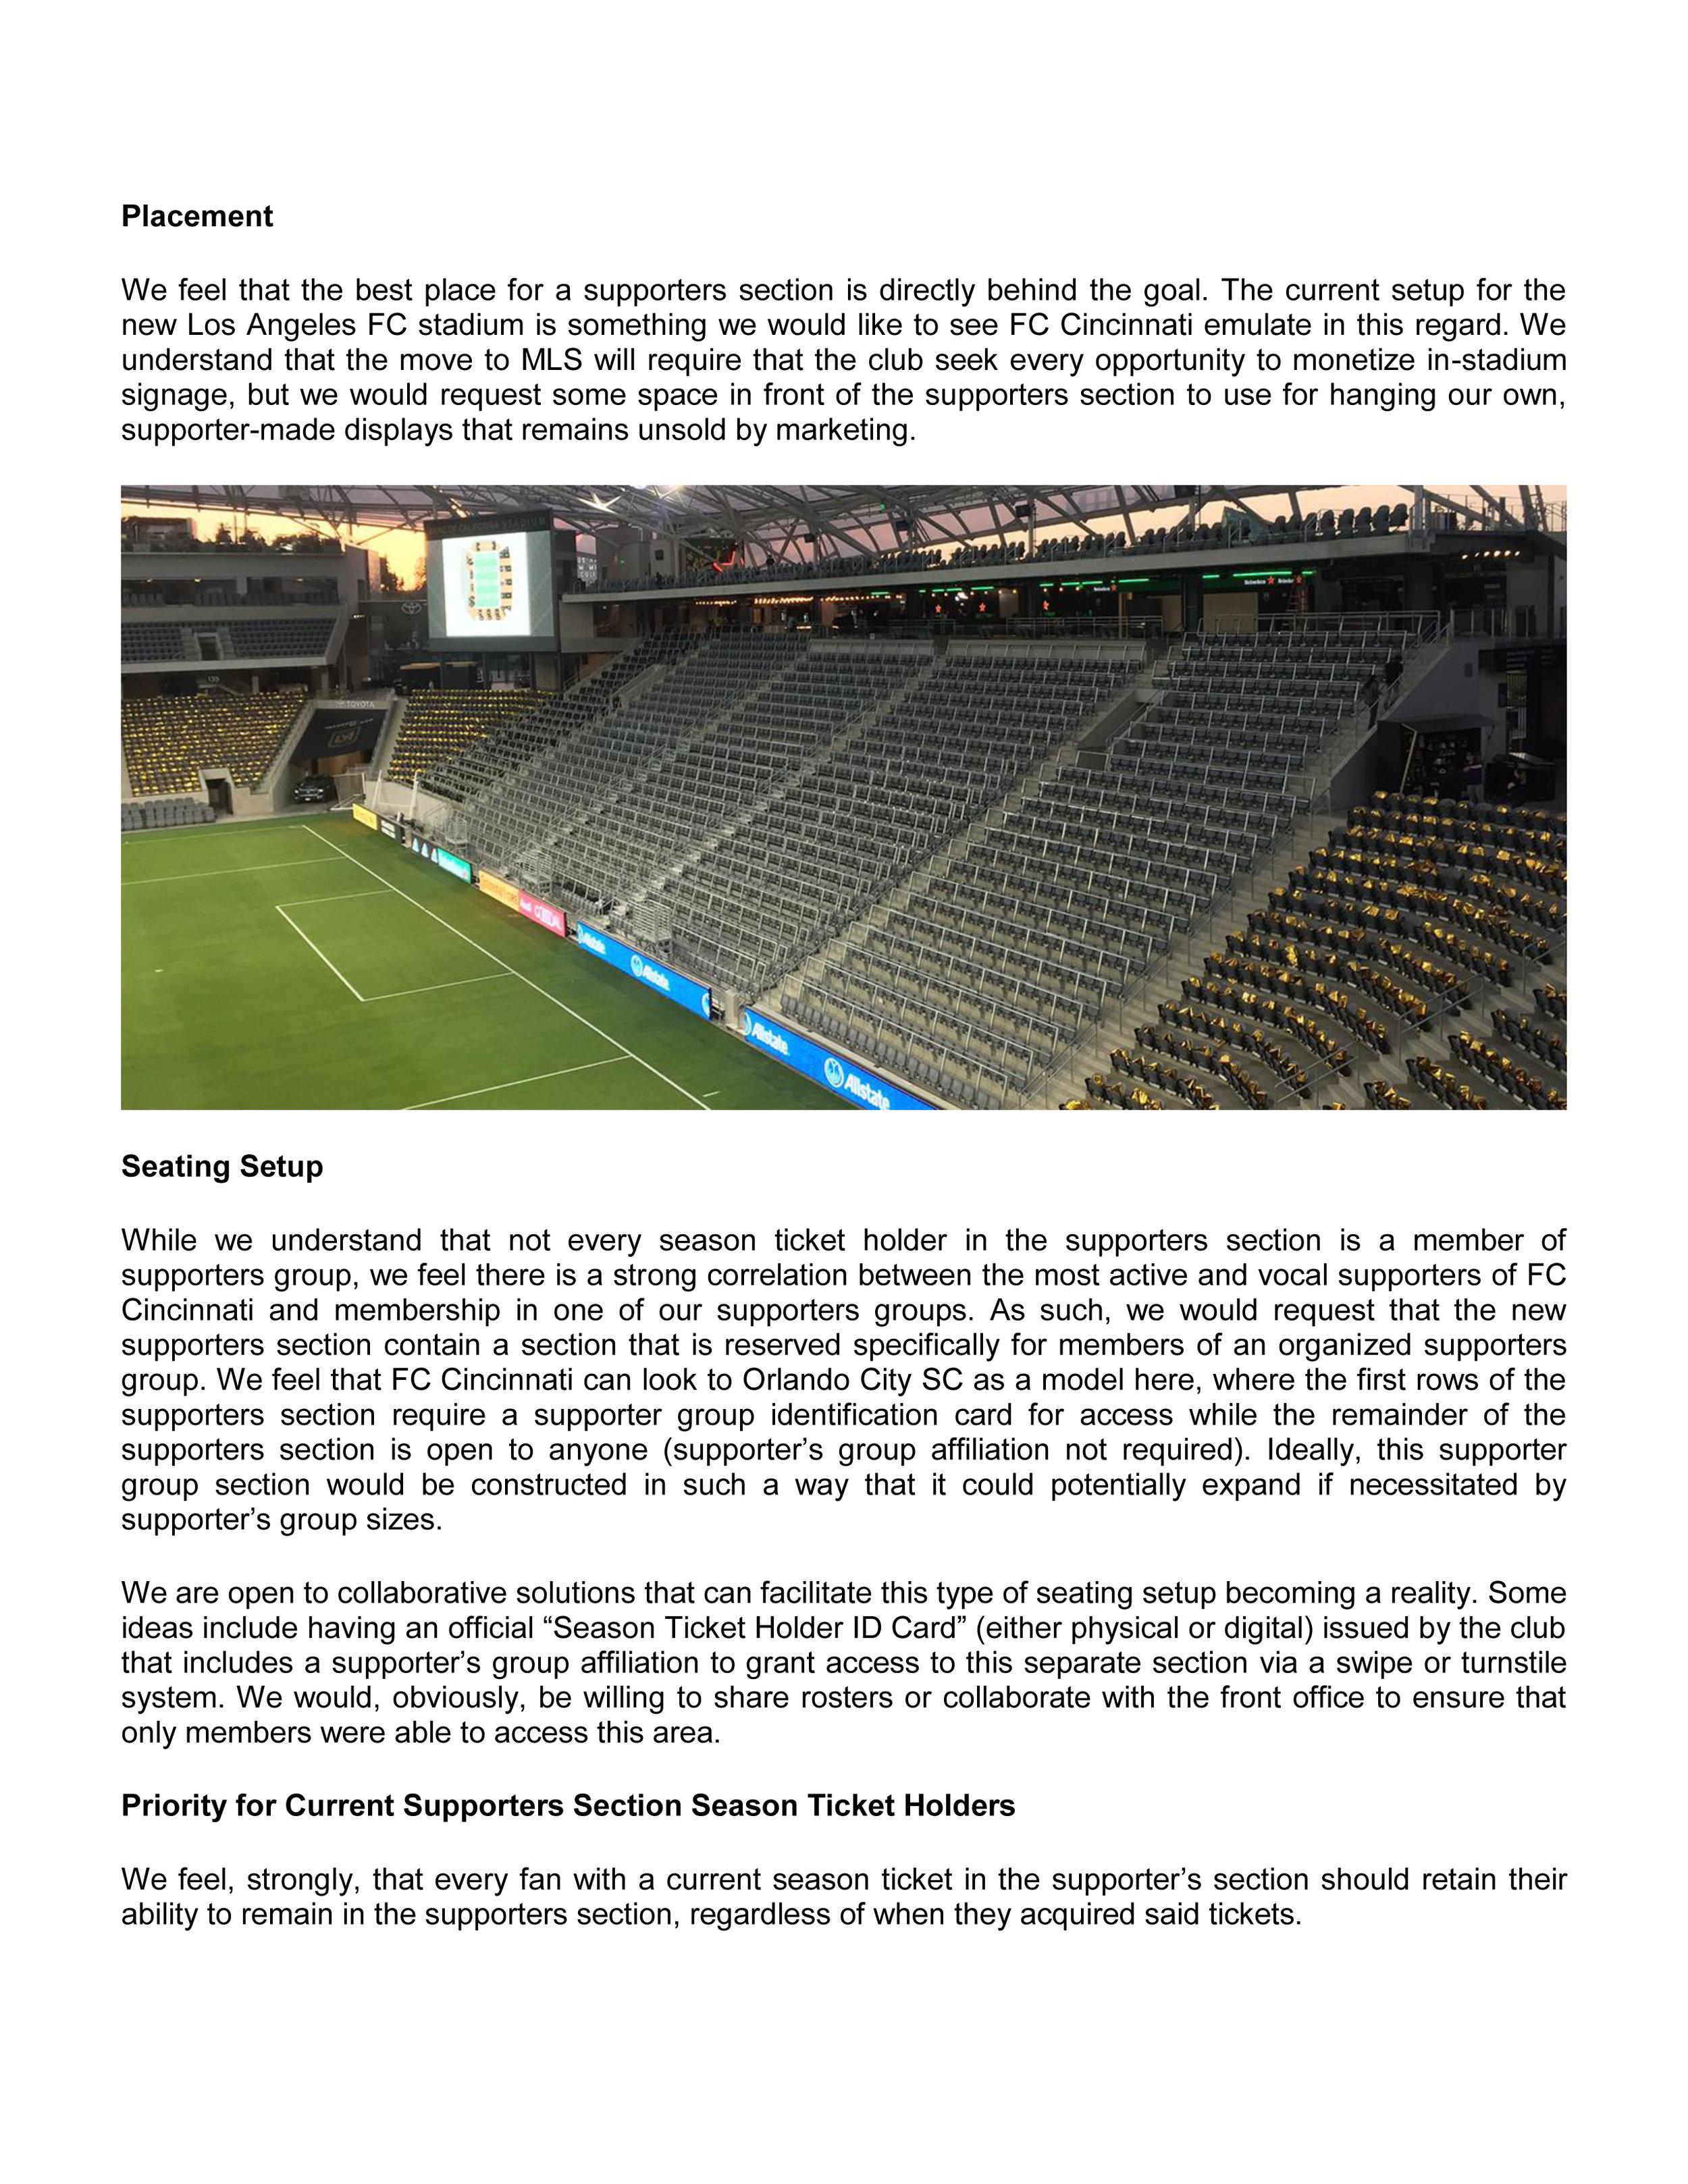 MLS Stadium Requests-4.jpg